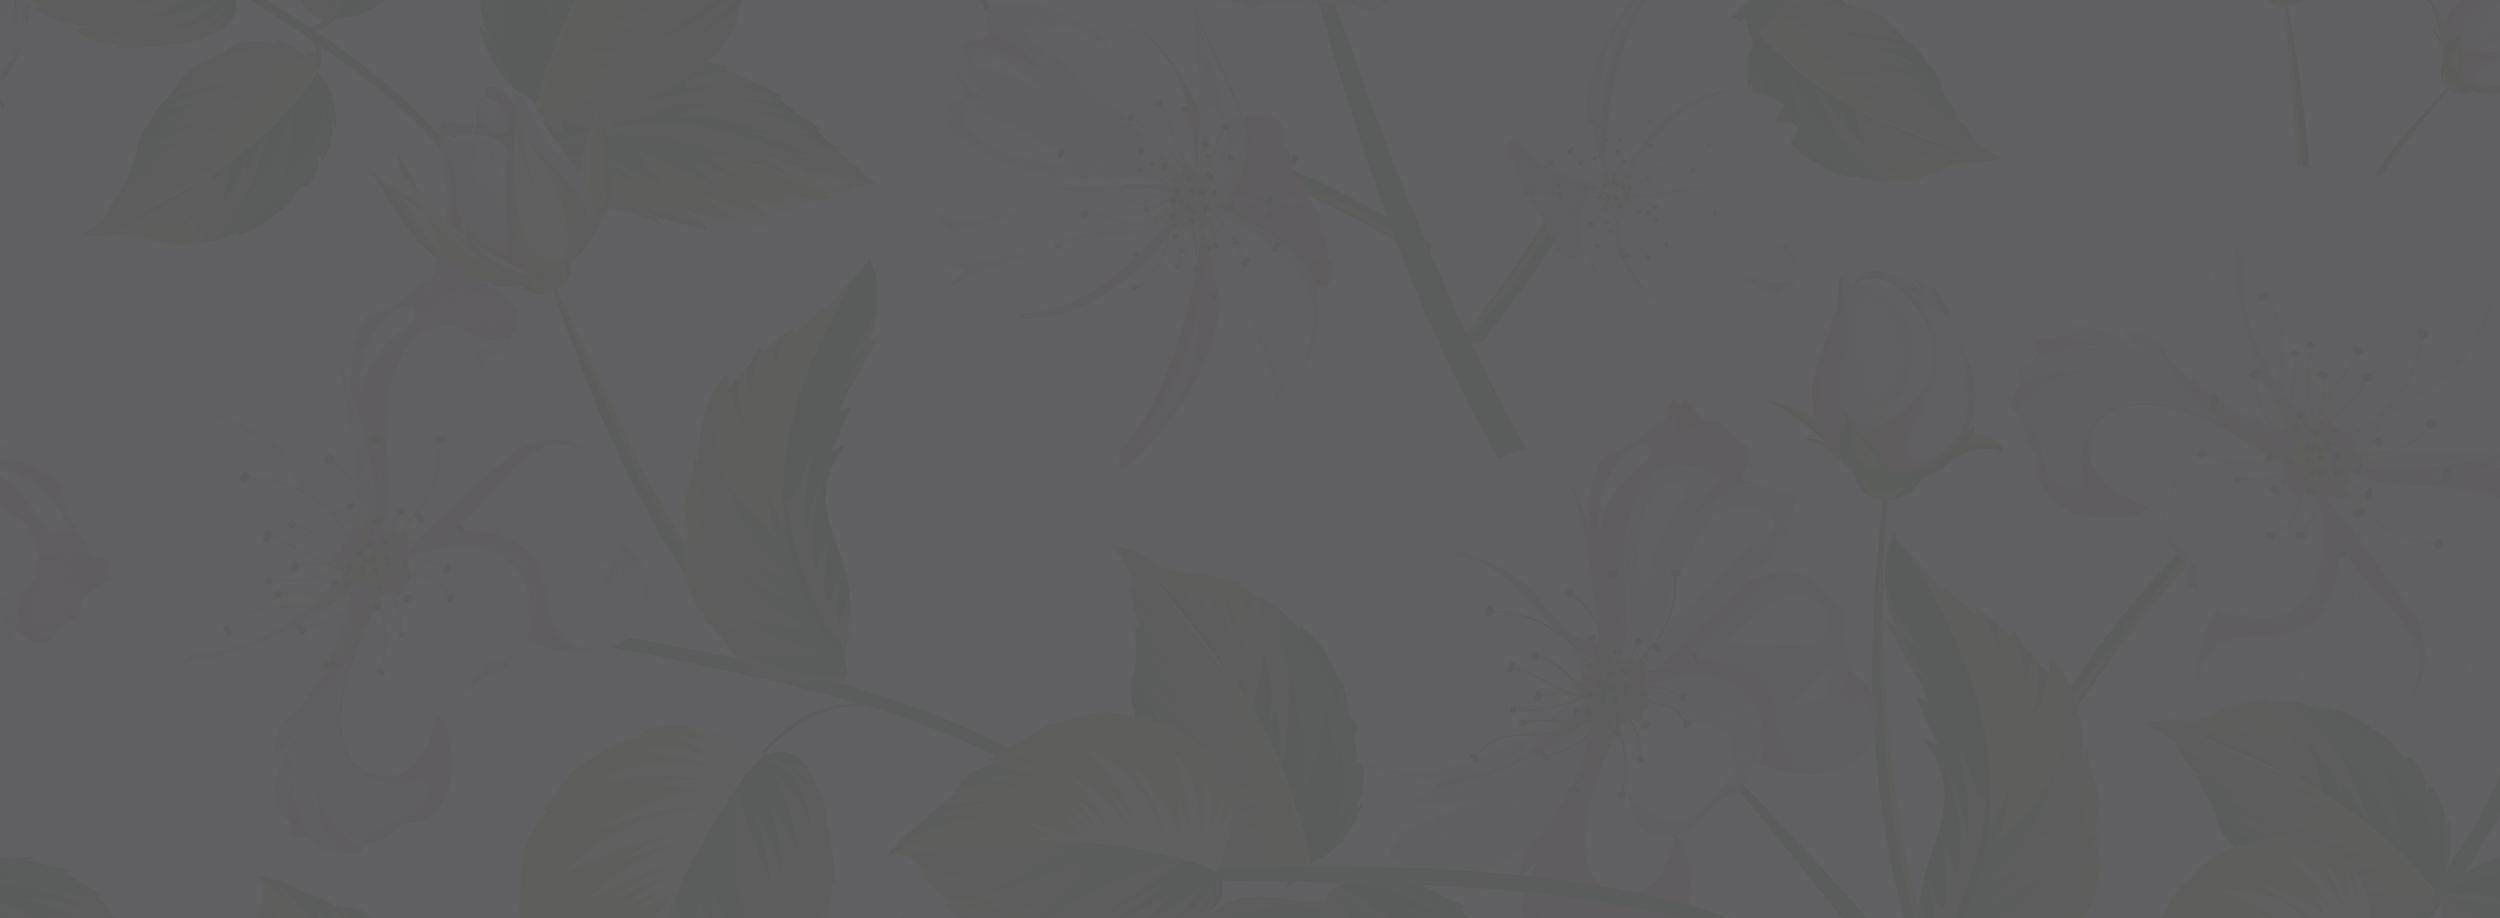 floralblack